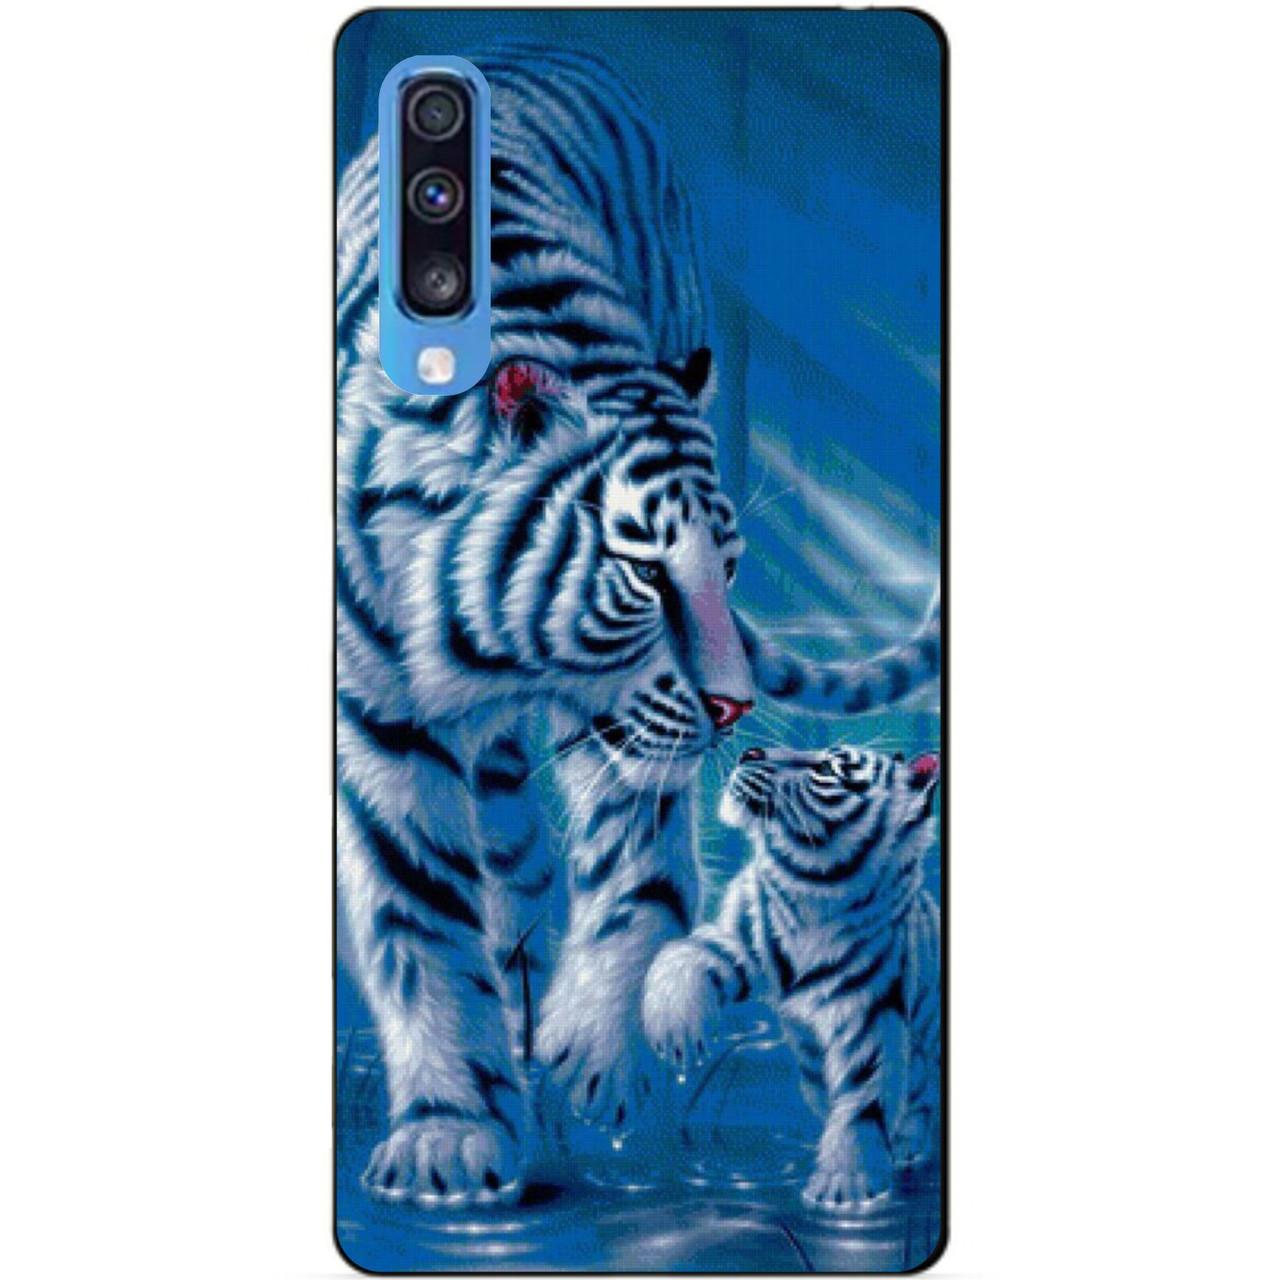 Силиконовый чехол бампер для Samsung A70 с рисунком Тигры